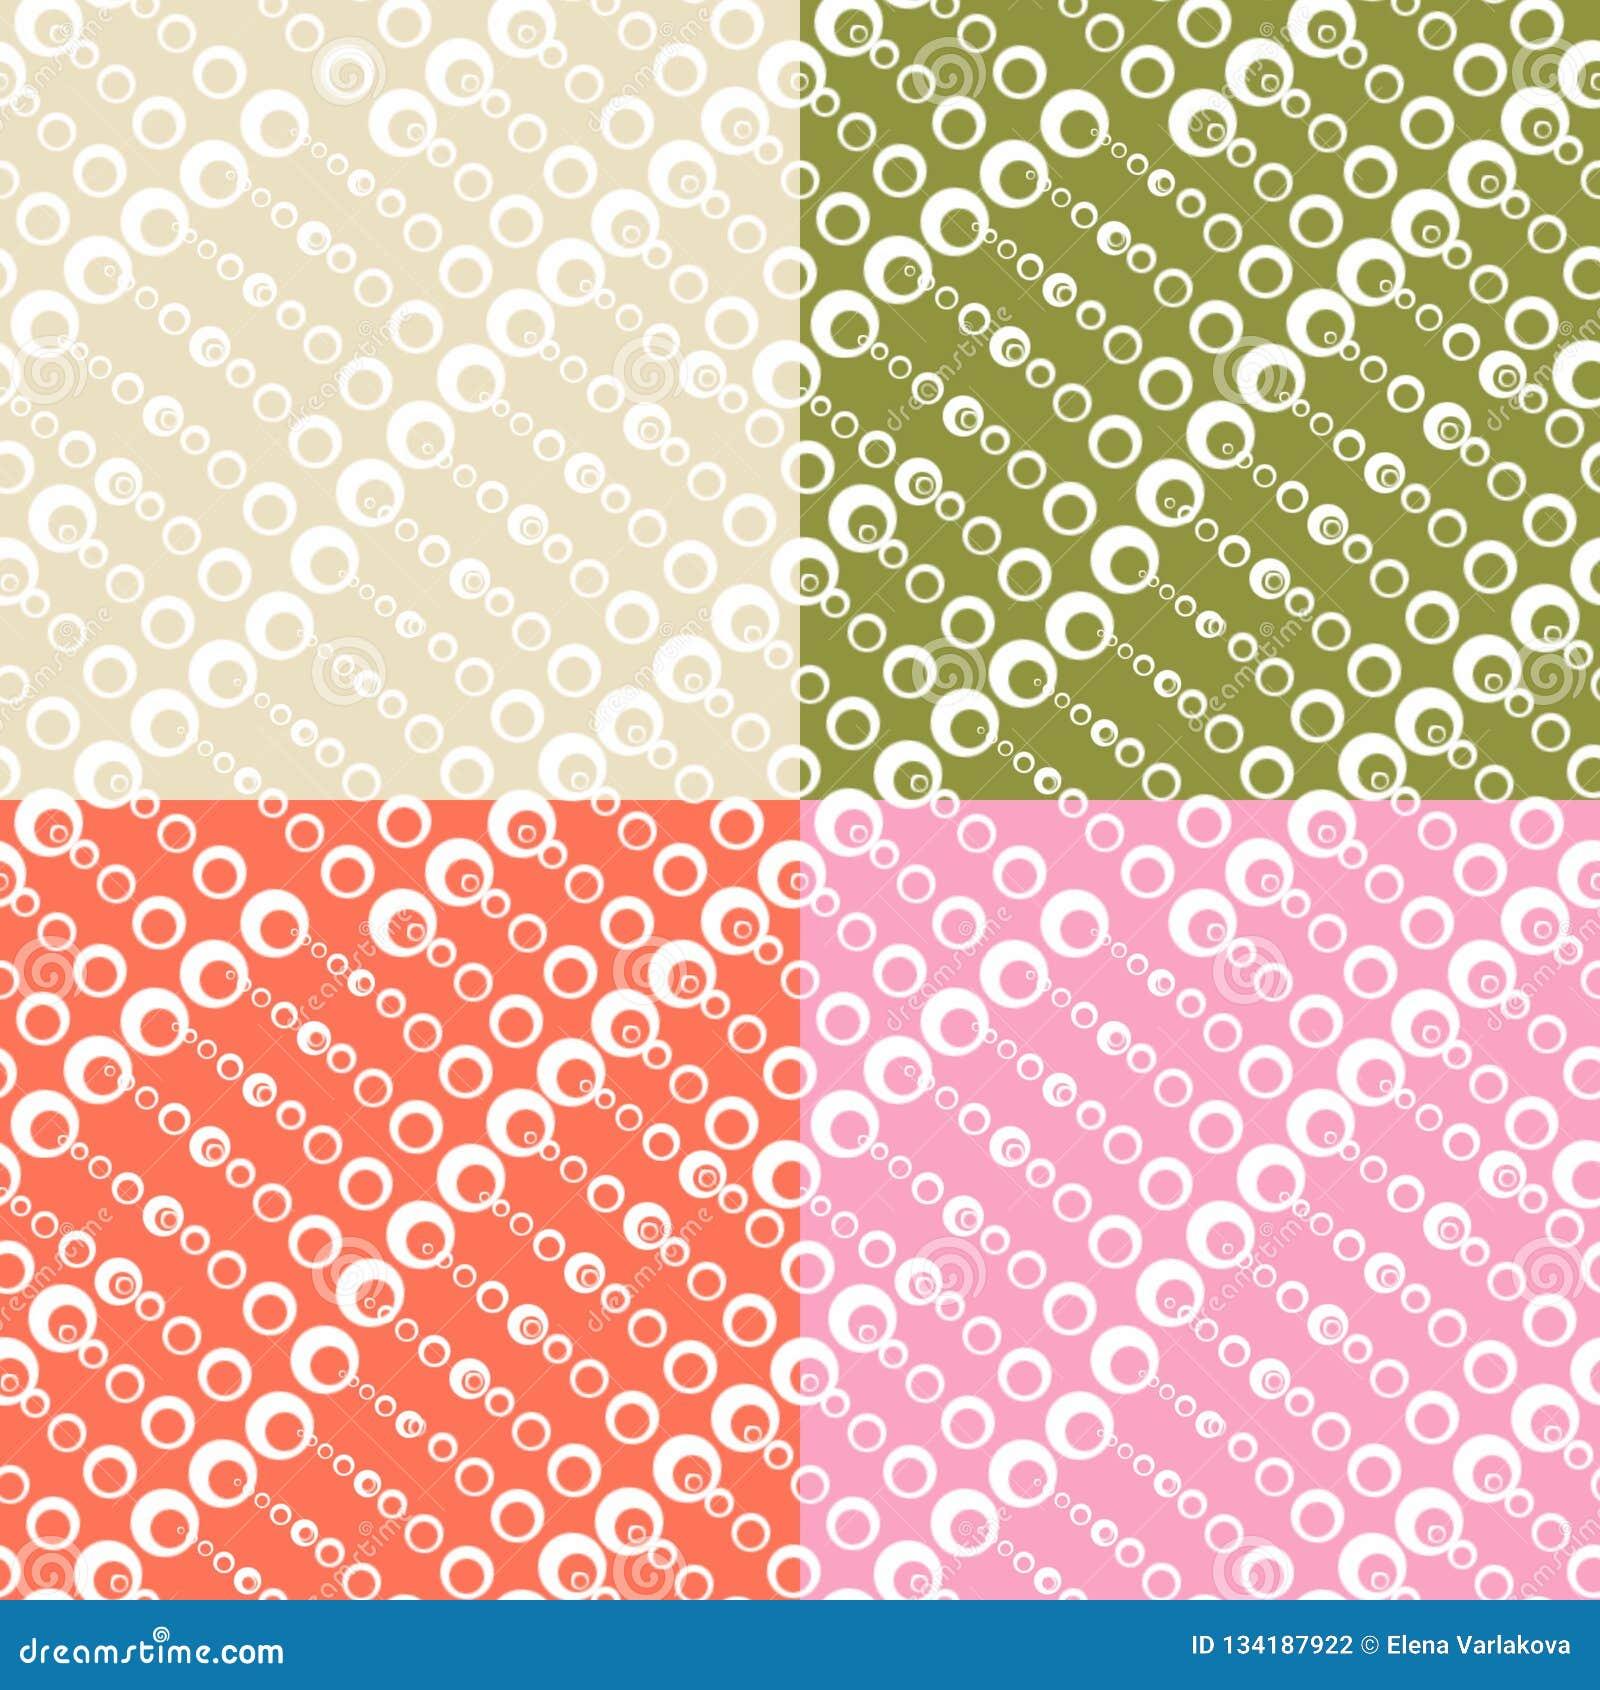 Set bezszwowe tekstury z okręgami różni rozmiary